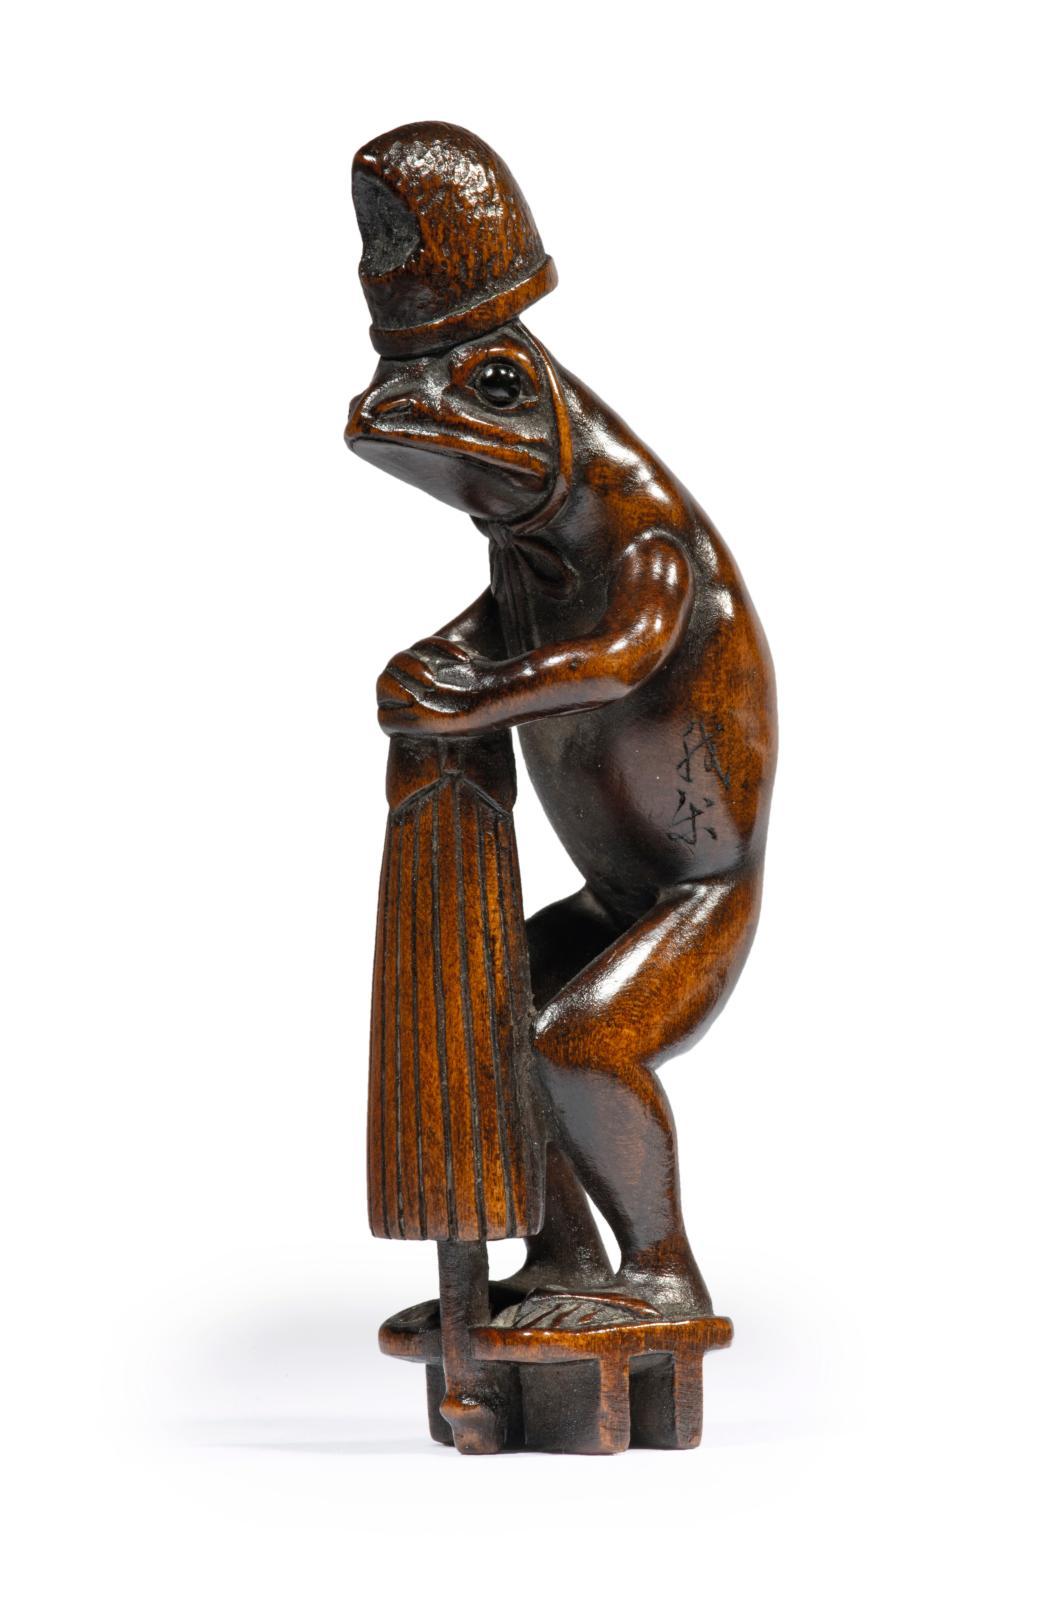 Japon, époque Edo (1603-1868), XIXesiècle. Netsuke en bois, grenouille debout portant un eboshi, des geta et une ombrelle, yeux incrustés de corne br